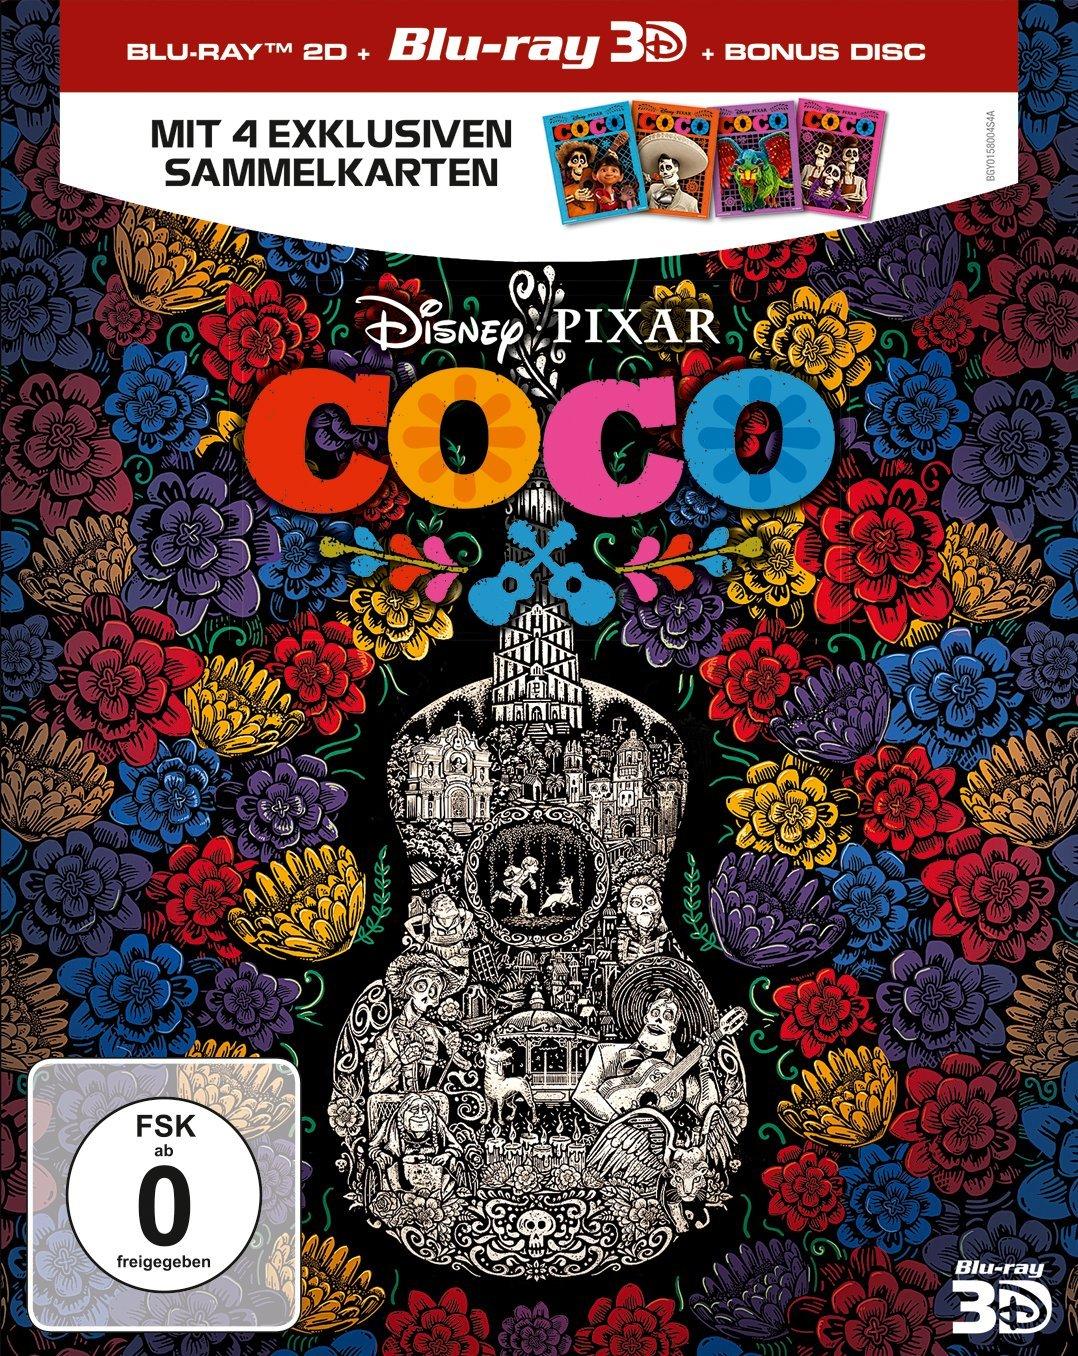 Coco - Lebendiger als das Leben: Blu-ray 3D + 2D + Bonus Disc ...